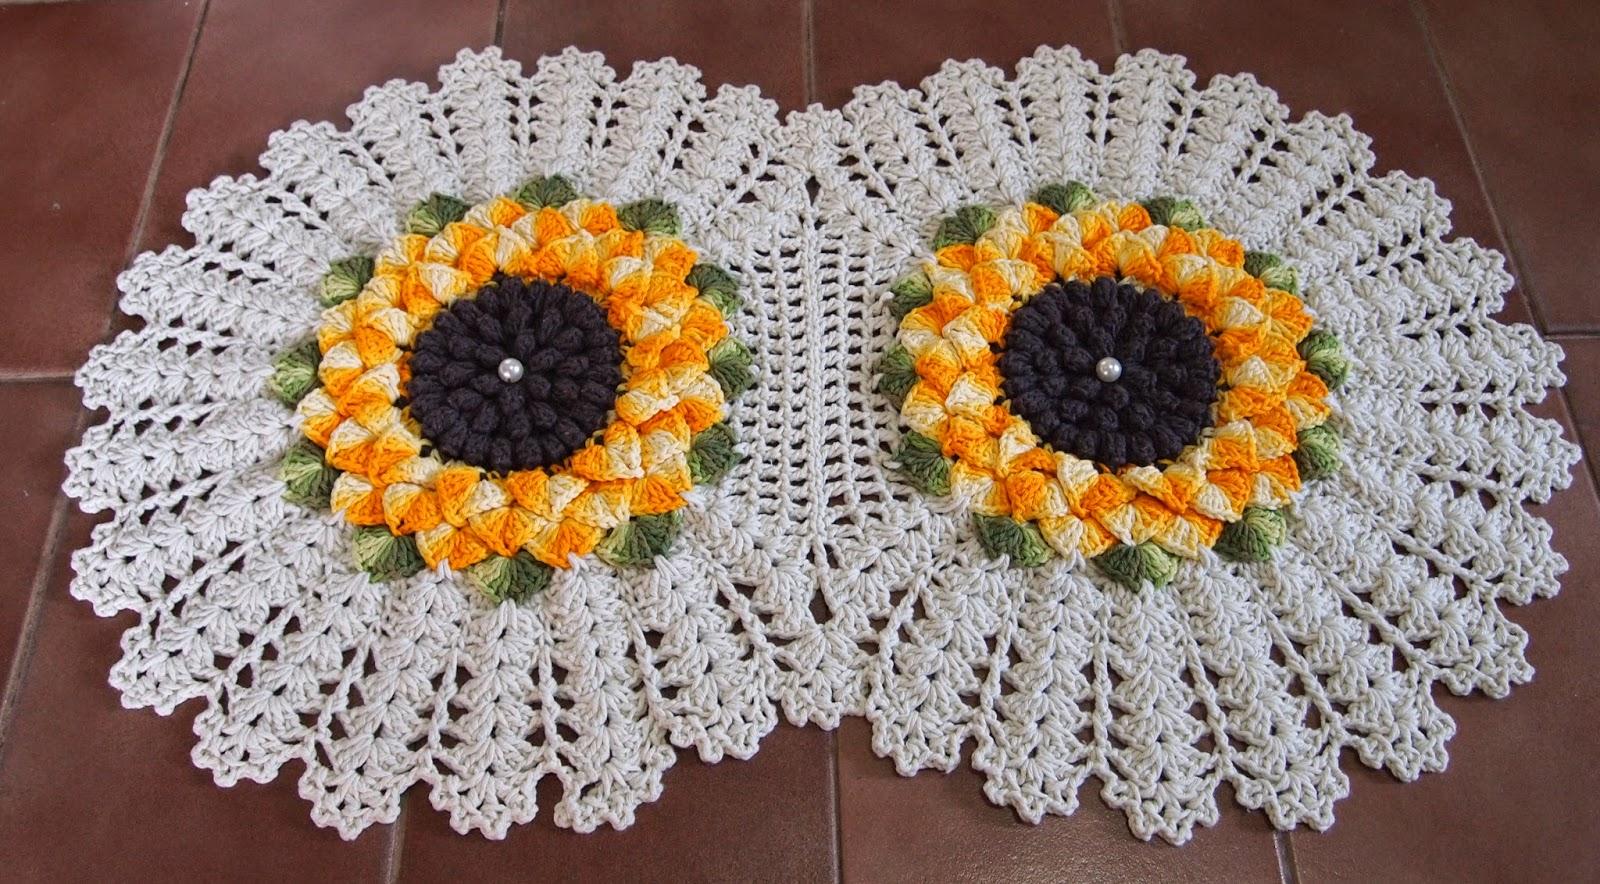 Tapetes de Barbantes com Flores – Fotos e modelos iOnline - Fotos De Tapete De Barbante Com Flores